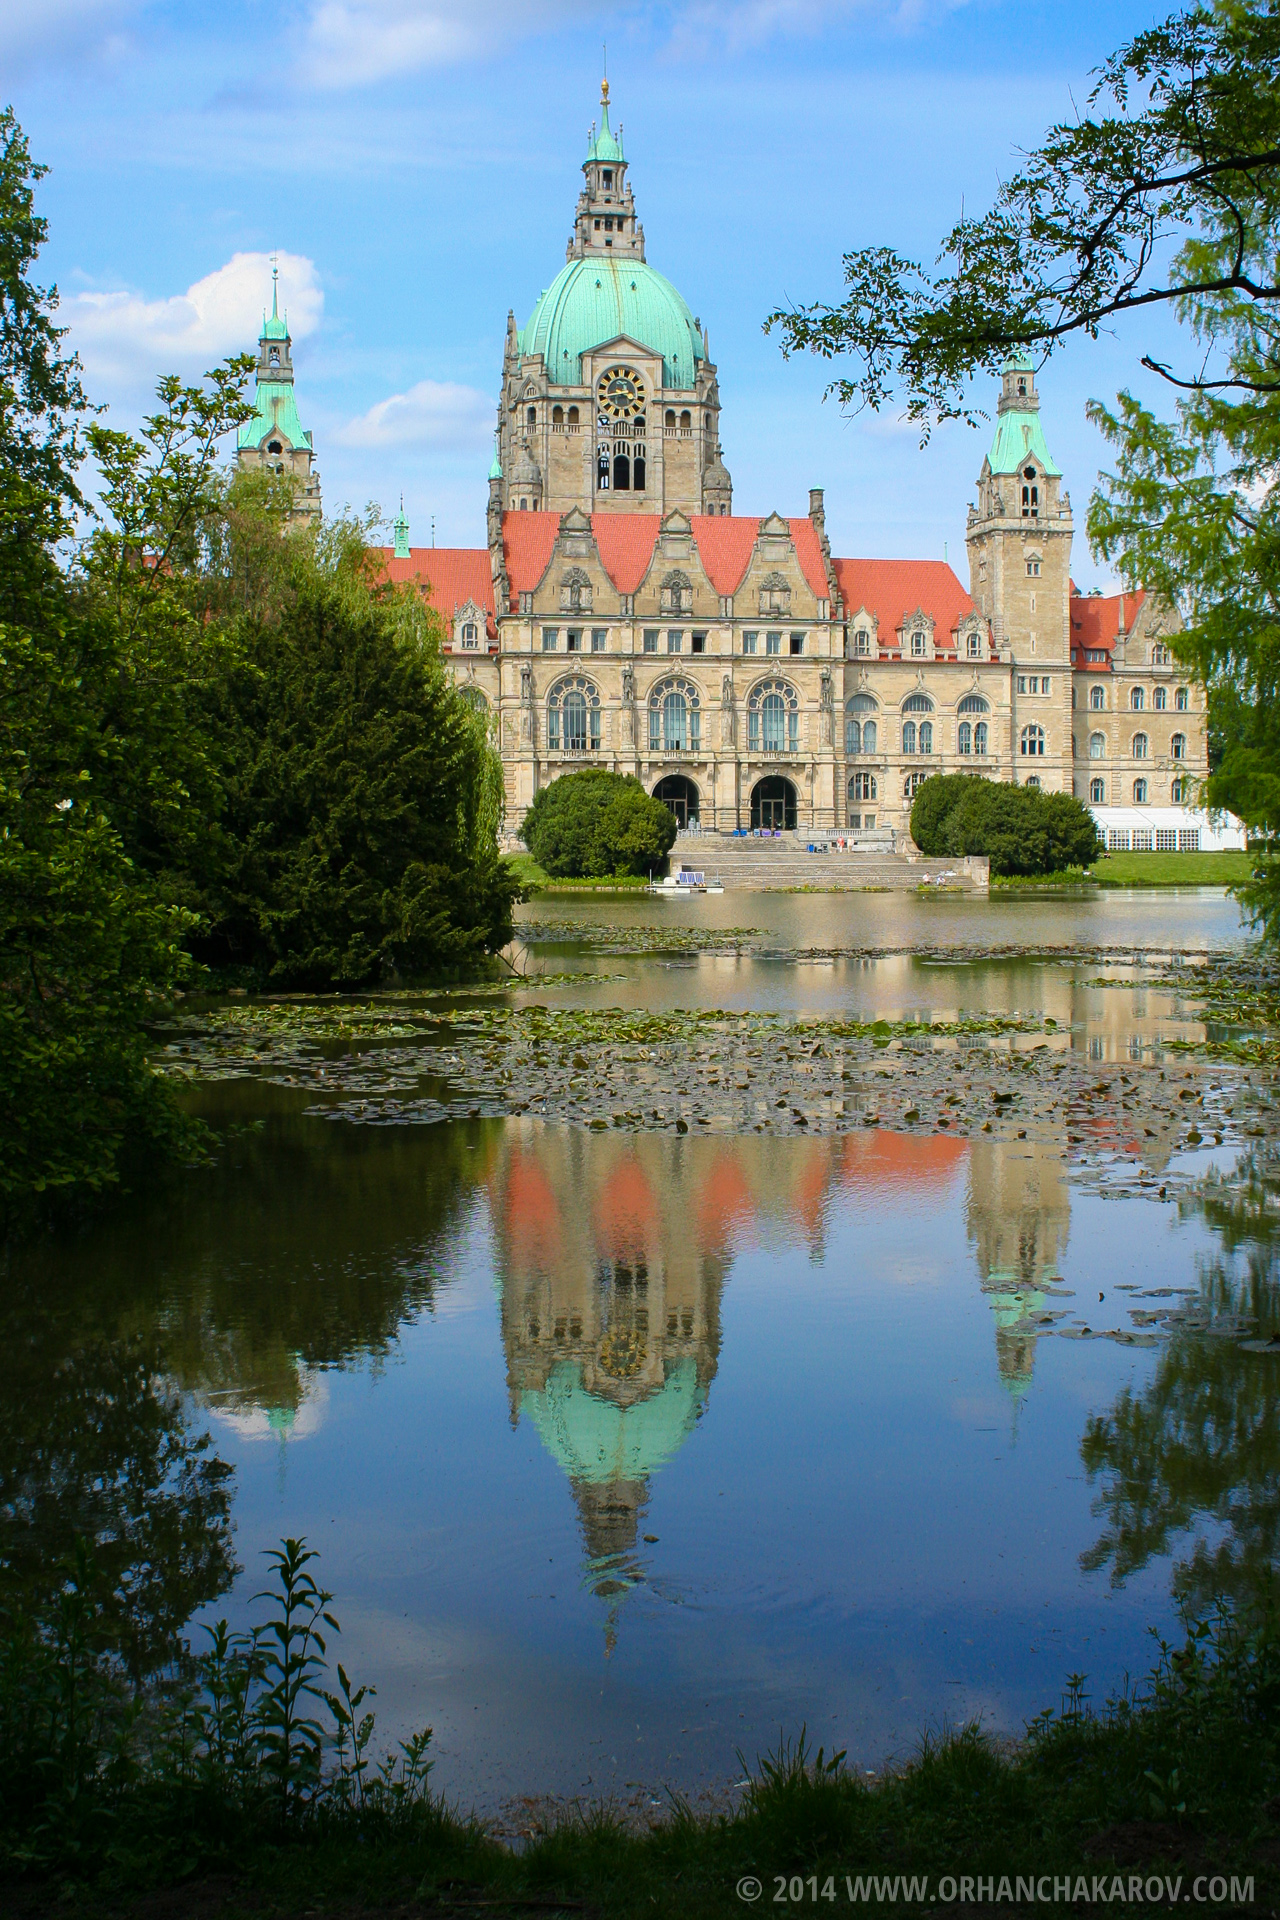 Сградата на кметството в град Хановер, Германия. Фотограф - Орхан Чакъров, град Варна